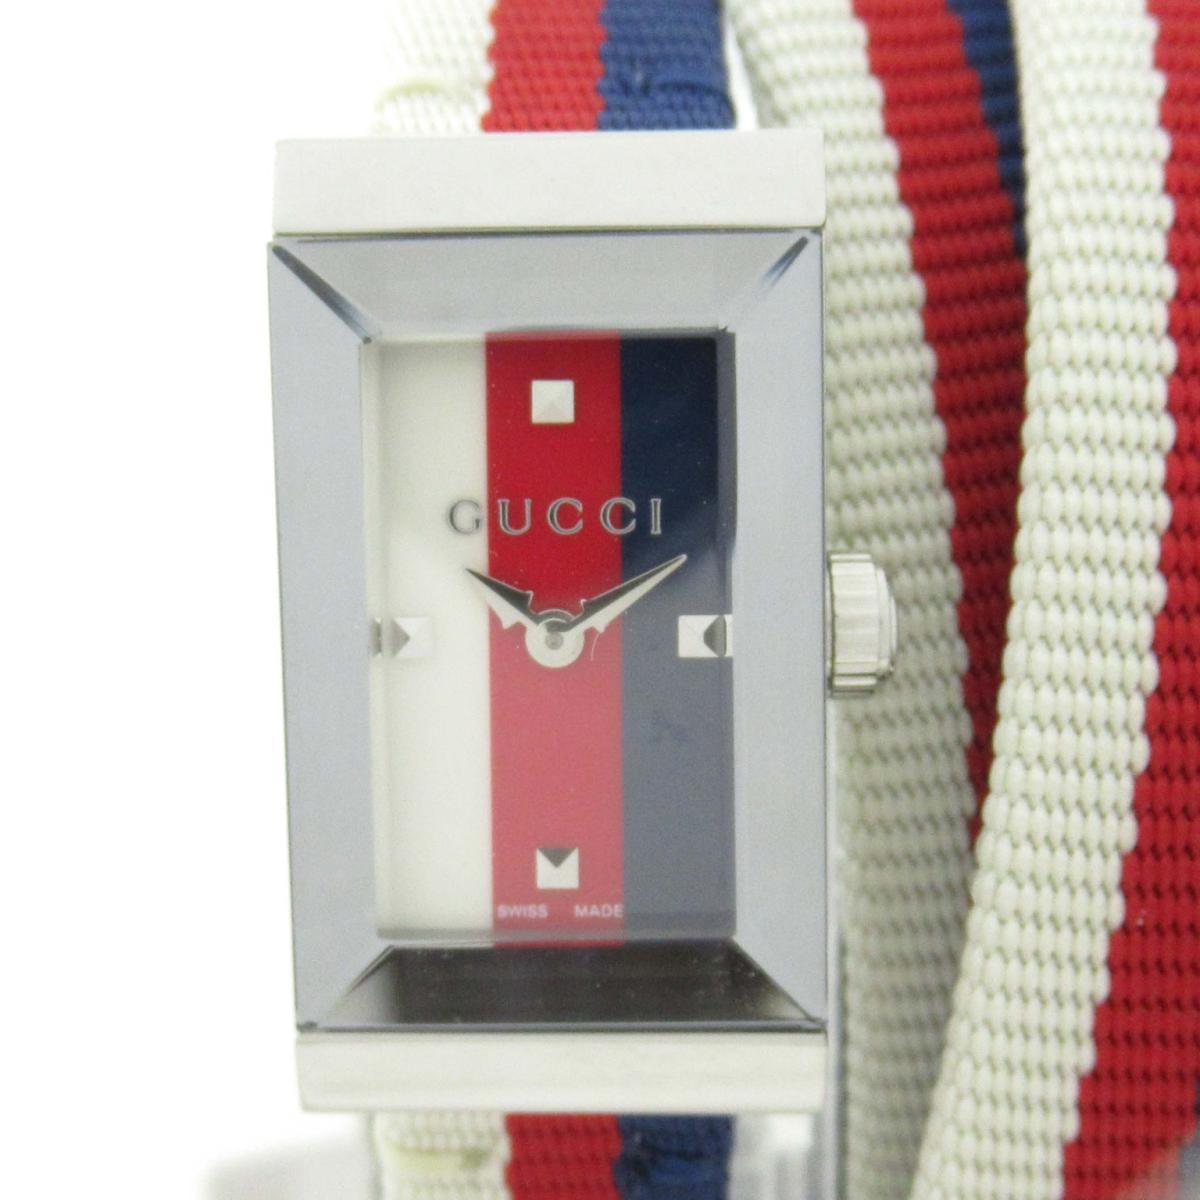 【中古】 グッチ Gフレーム トリプルループ ウォッチ 腕時計 レディース ステンレススチール (SS) x ナイロン (147.5/YA147502) | GUCCI BRANDOFF ブランドオフ ブランド ブランド時計 ブランド腕時計 時計